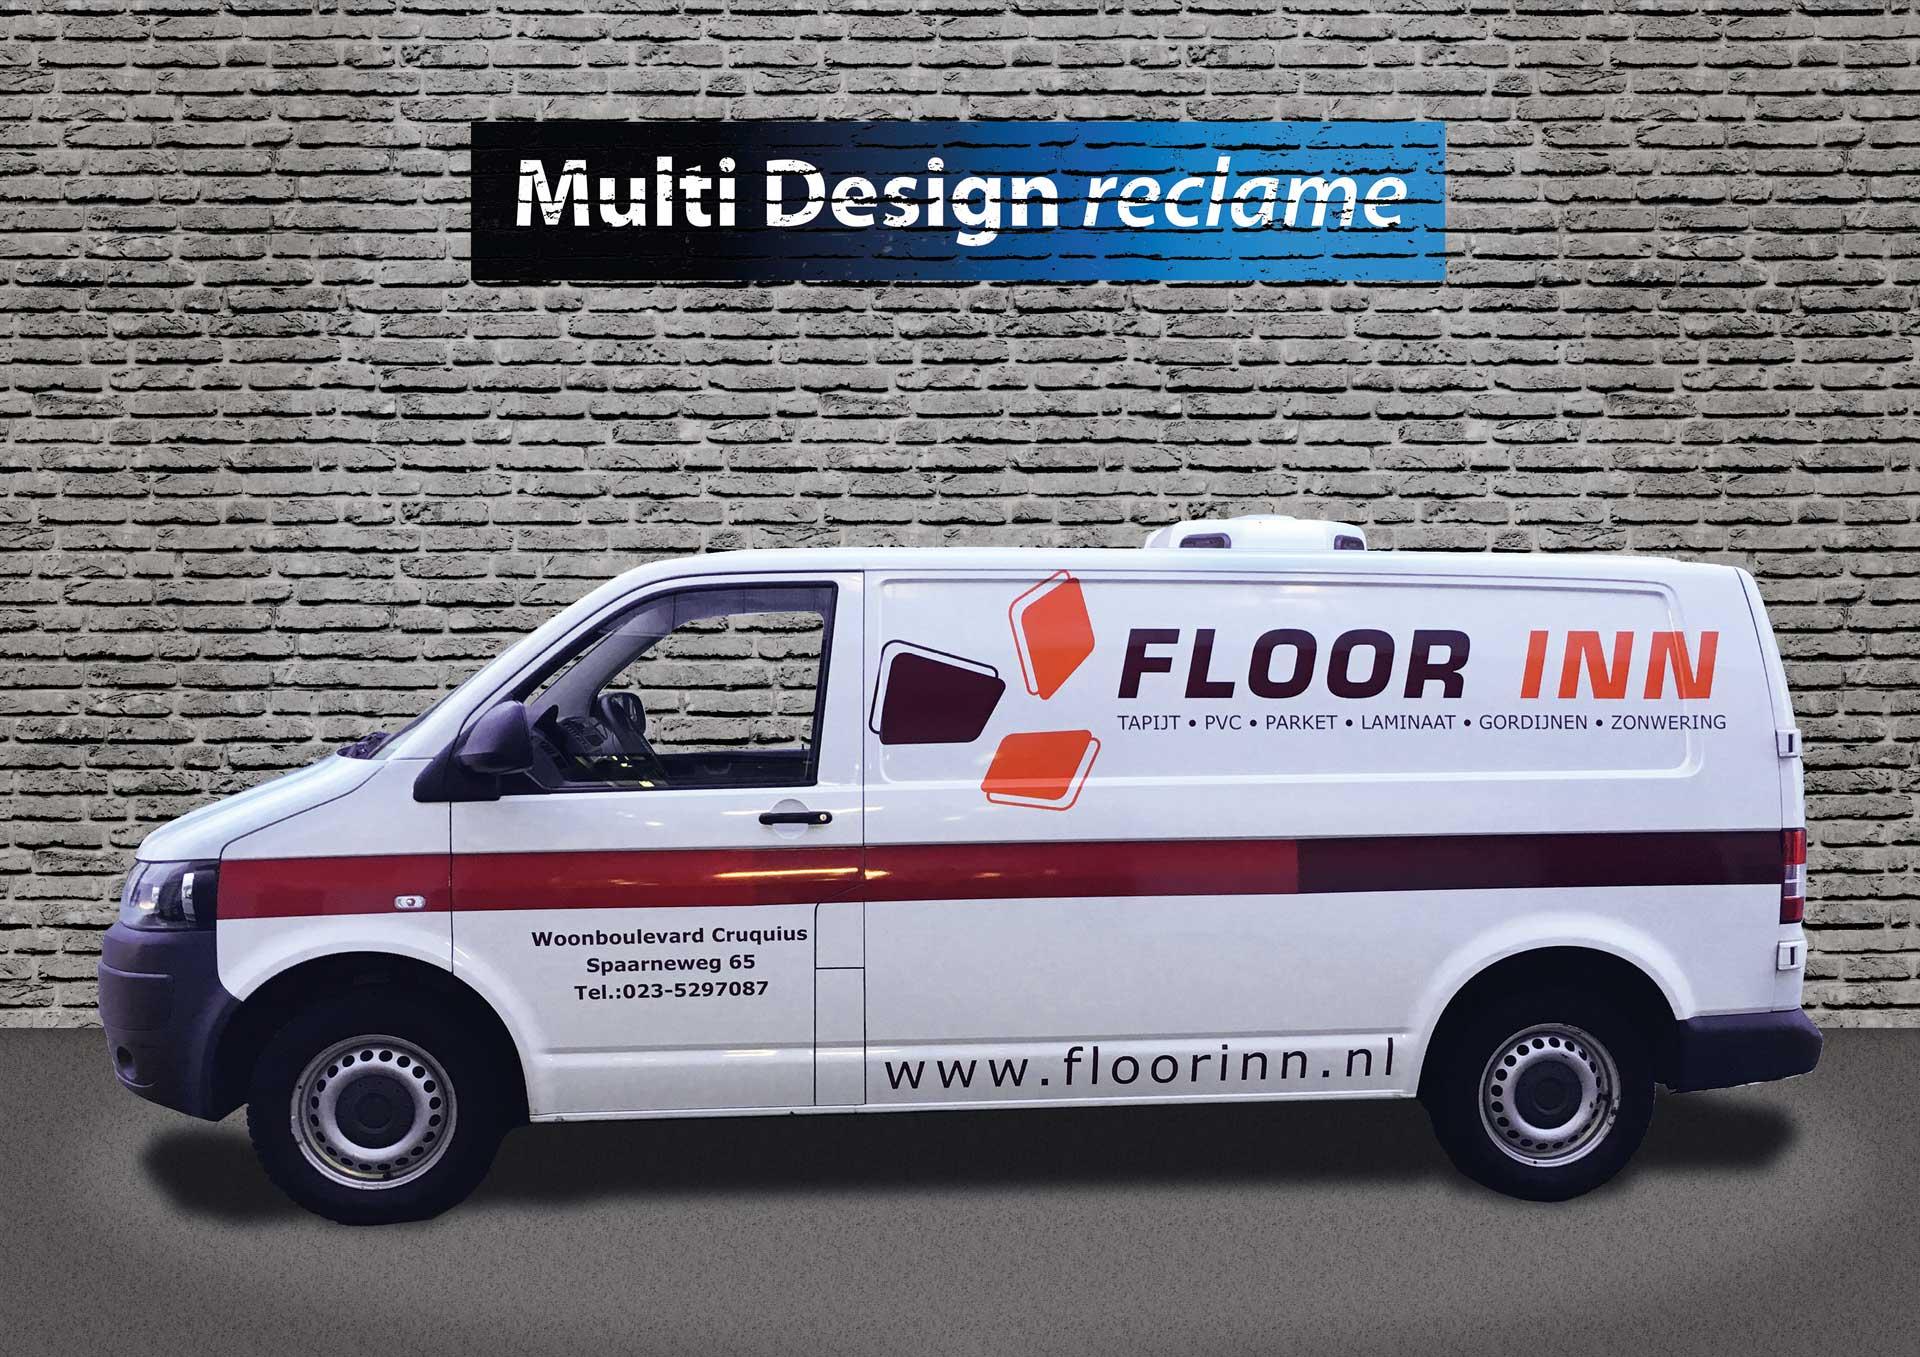 Multi Design Reclame - Autoreclame - Floor Inn